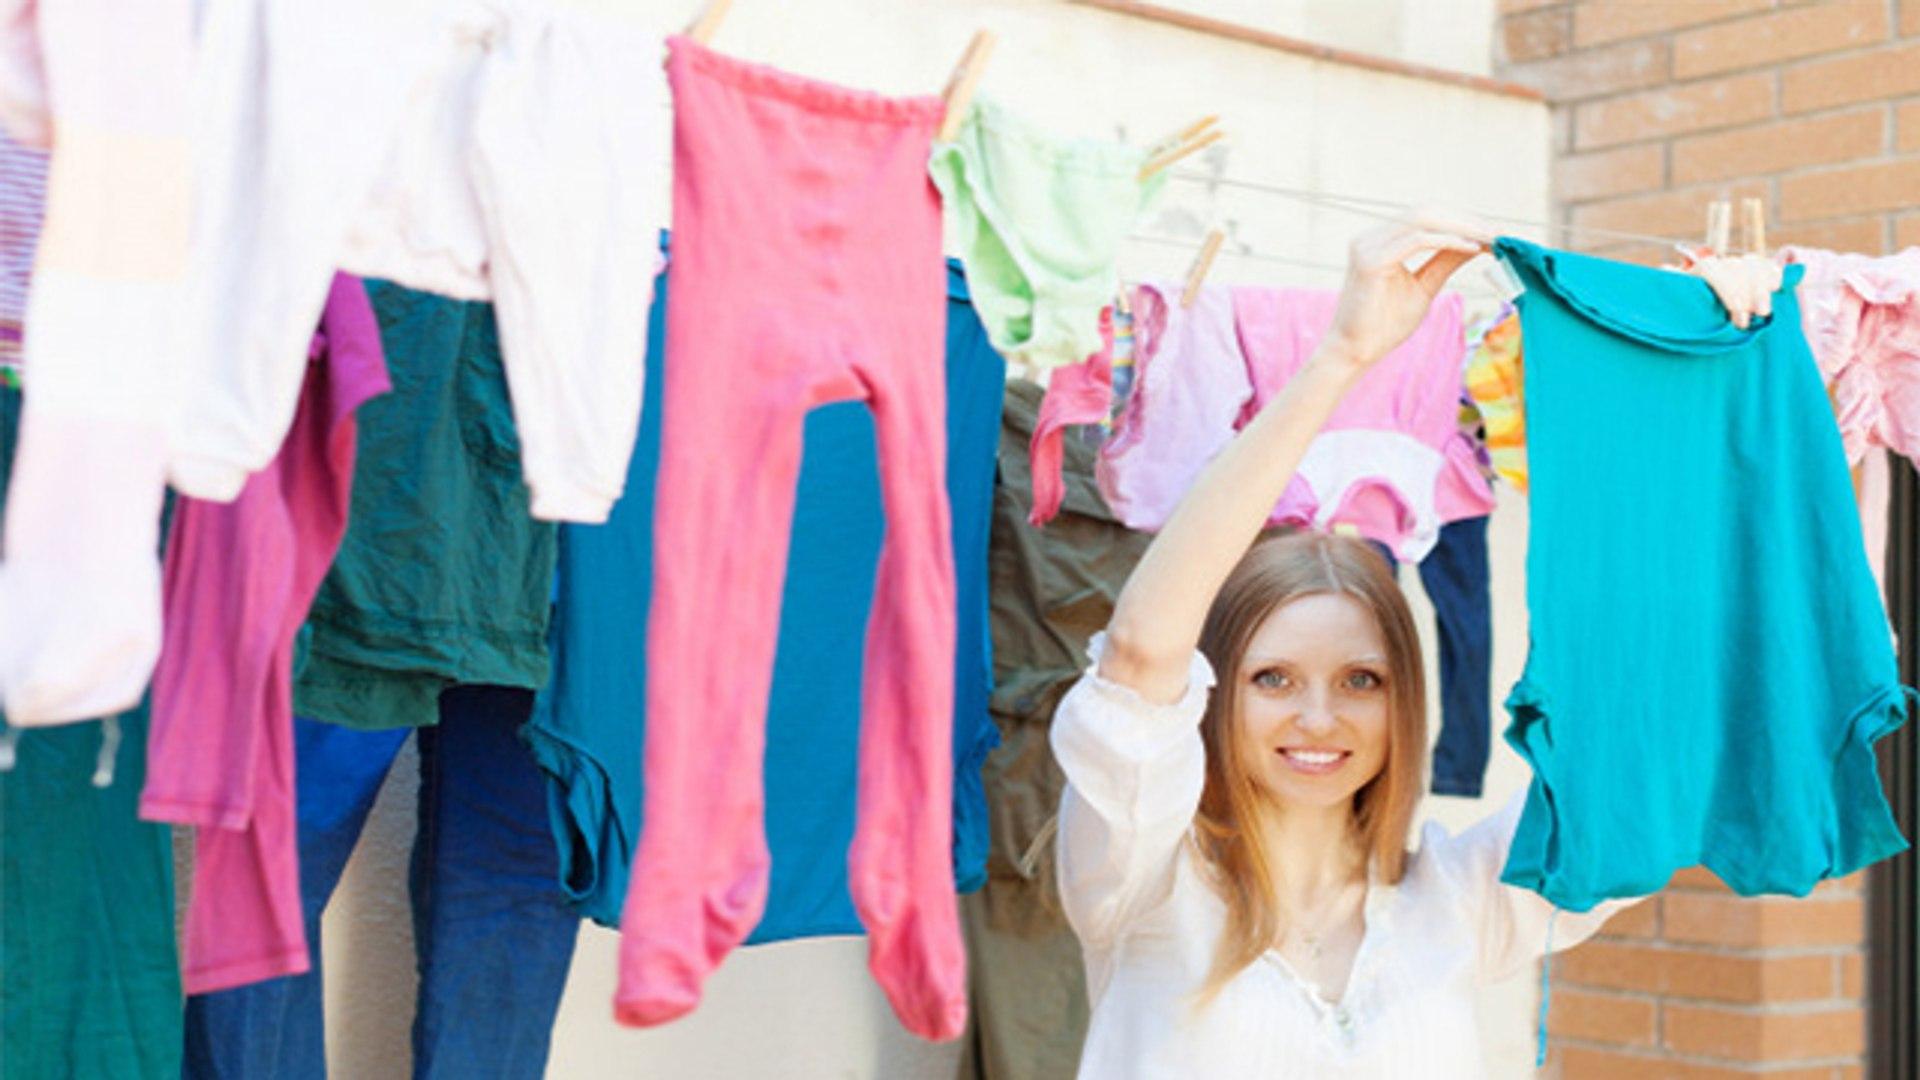 Clothes Drying Tips : कपड़ों को जल्दी सुखाने का आसान तरीका,वॉशिंग मशीन ड्रायर की नहीं होगी जरूरत